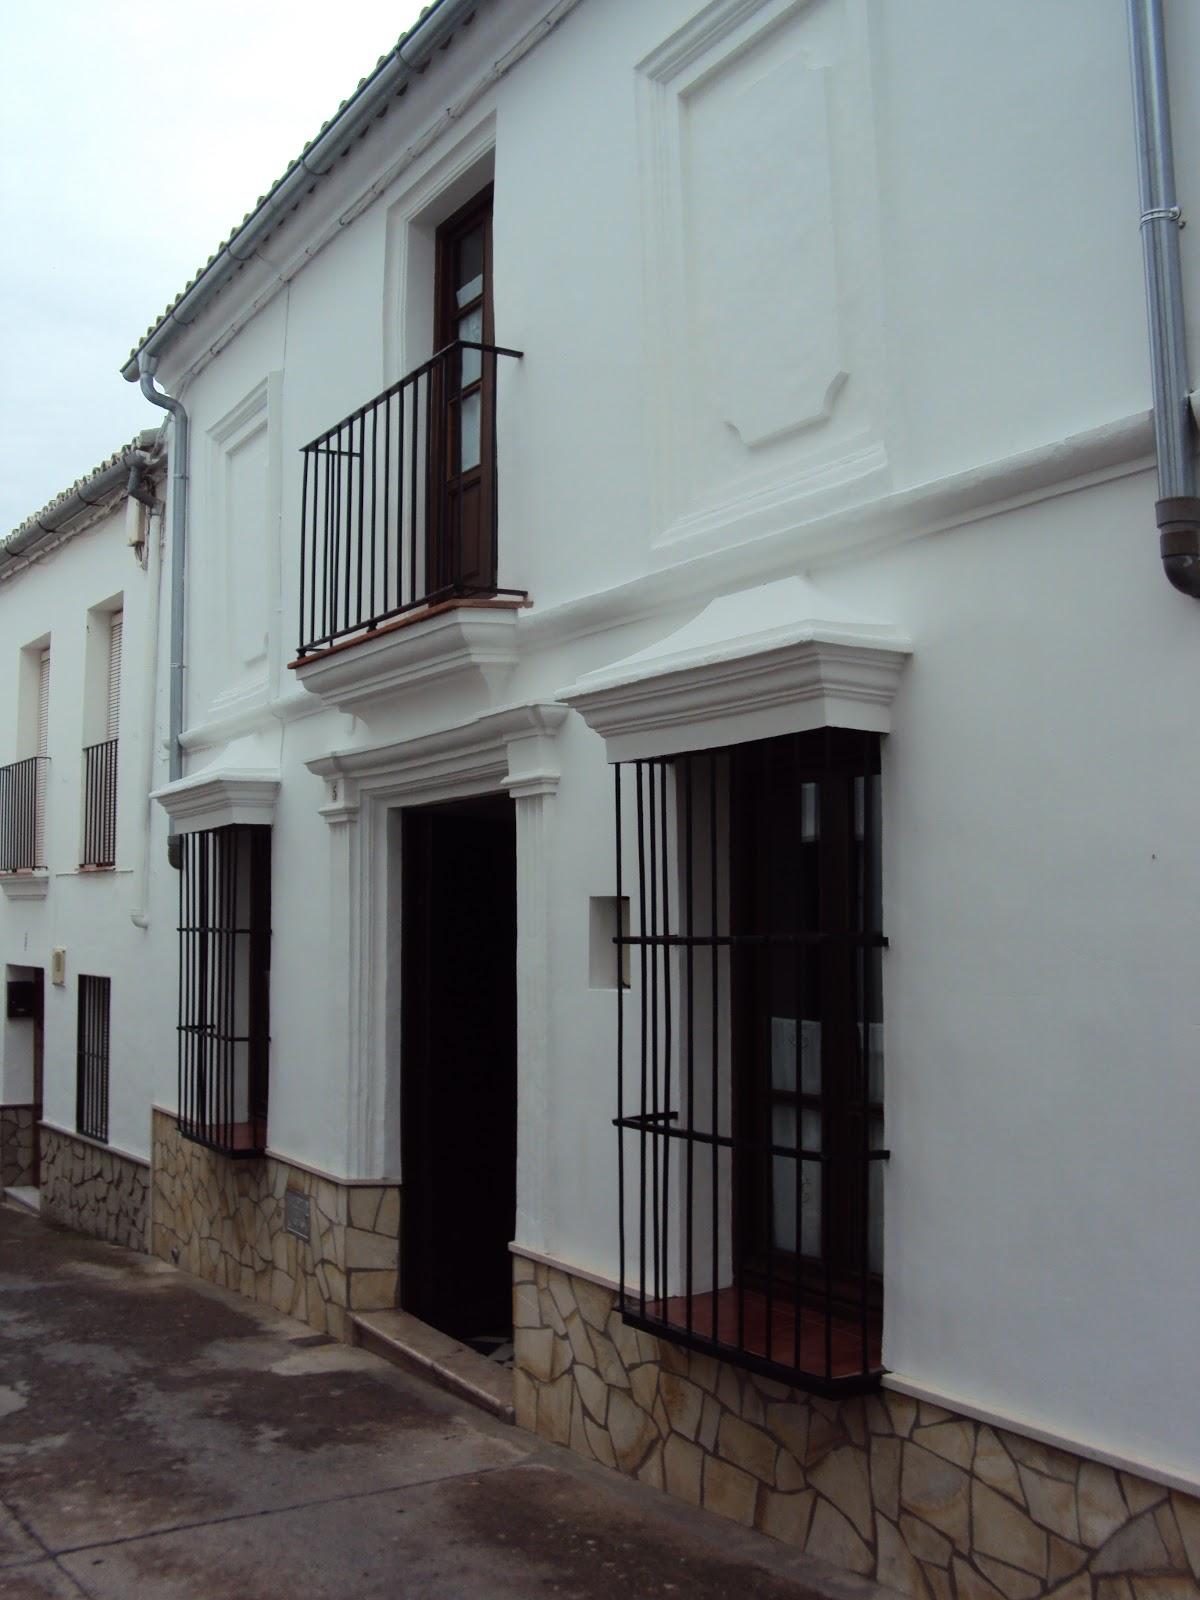 Bibliolibre los pueblos blancos de andaluc a el gastor for Fotos de fachadas de casas andaluzas